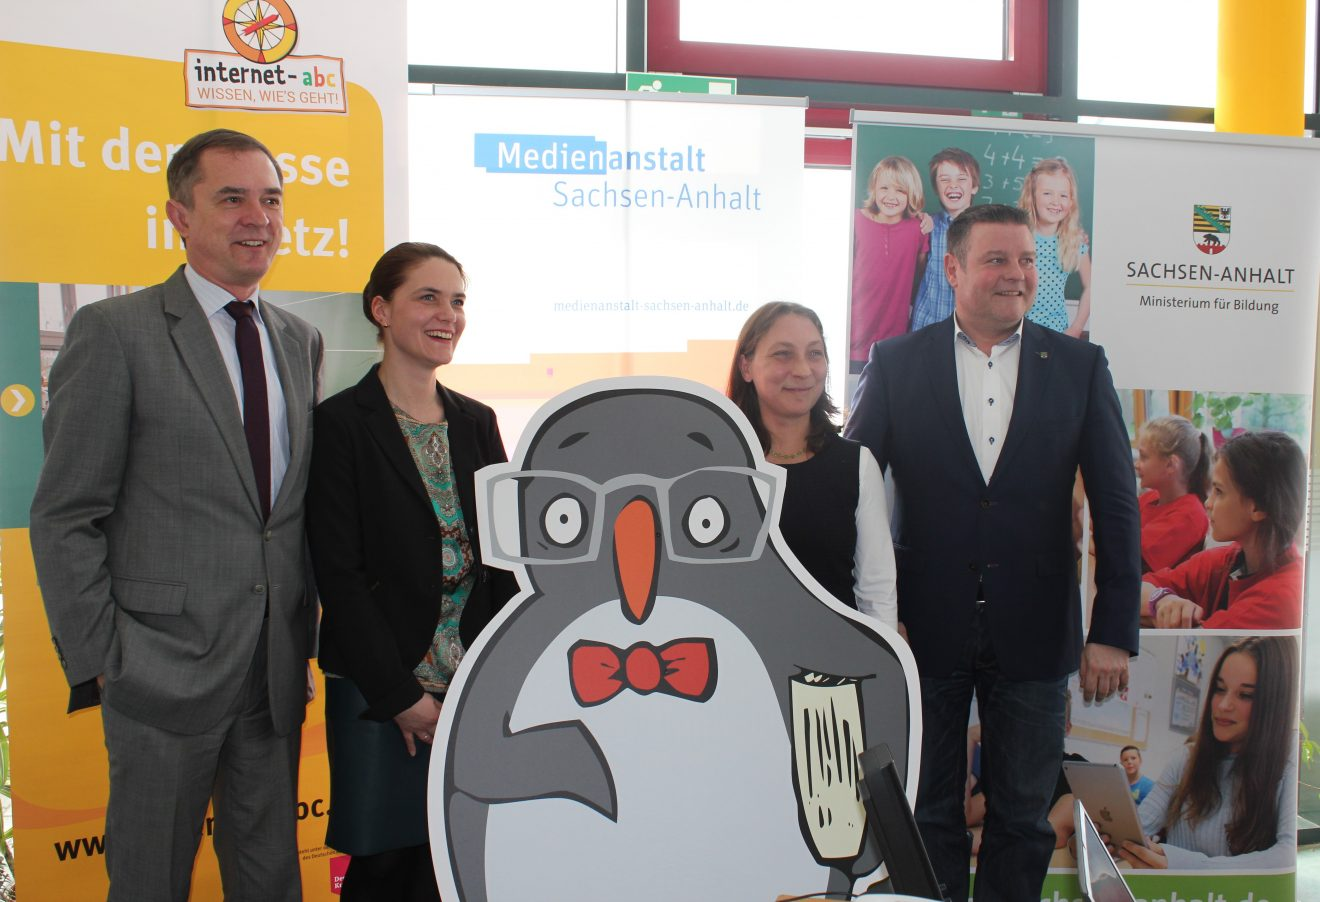 """Pilotprojekt """"Internet-ABC-Schulen in Sachsen-Anhalt"""" gestartet"""